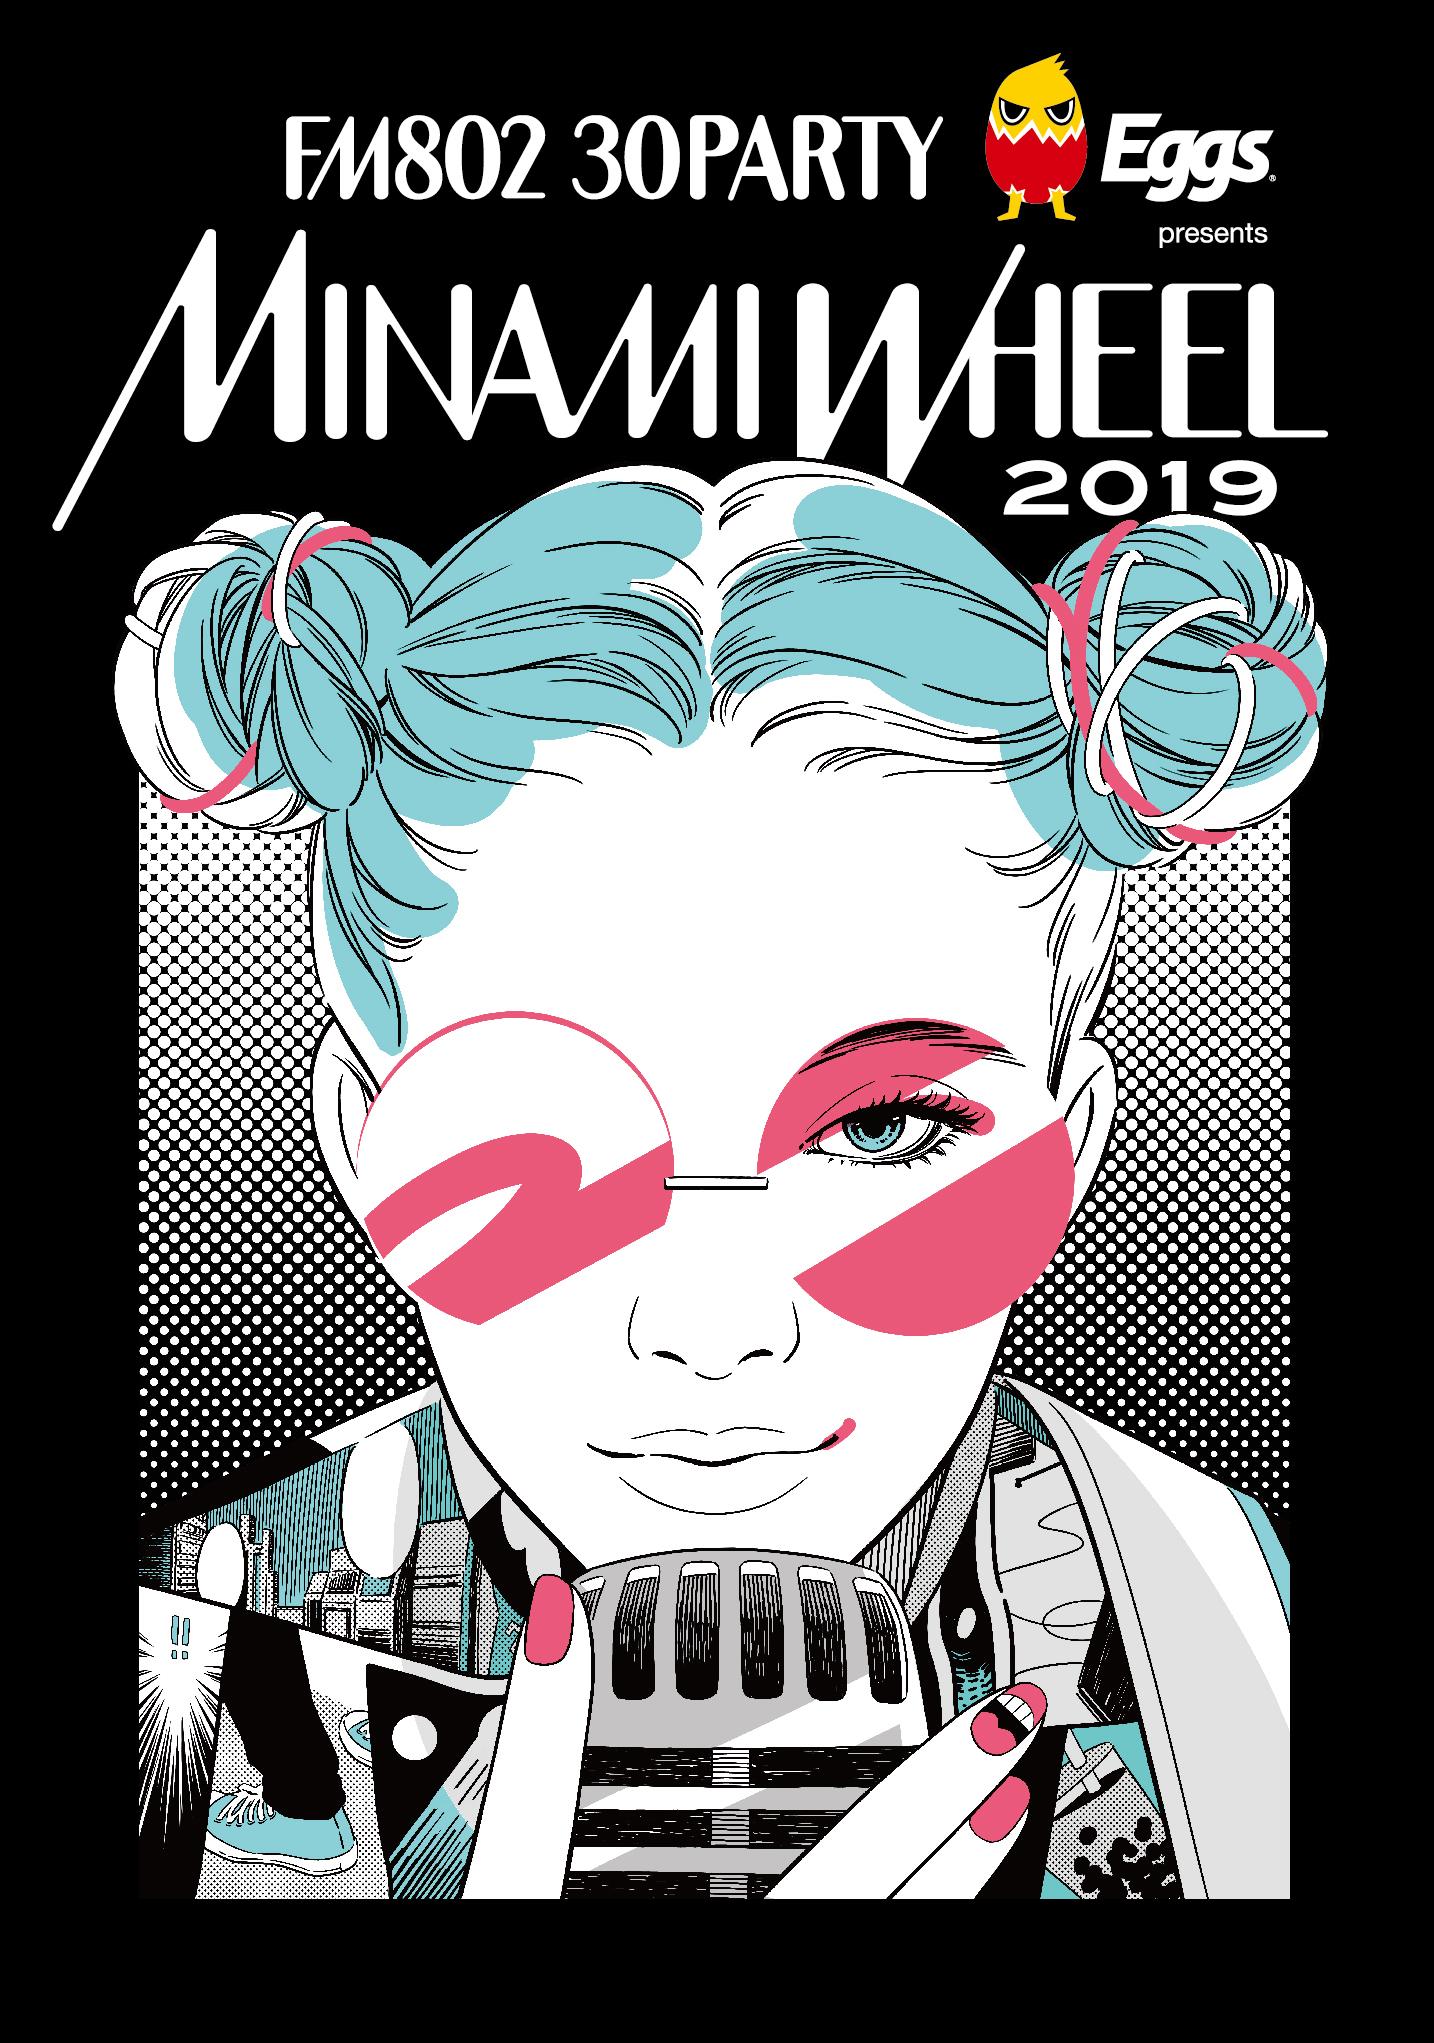 MINAMI WHEEL 2019